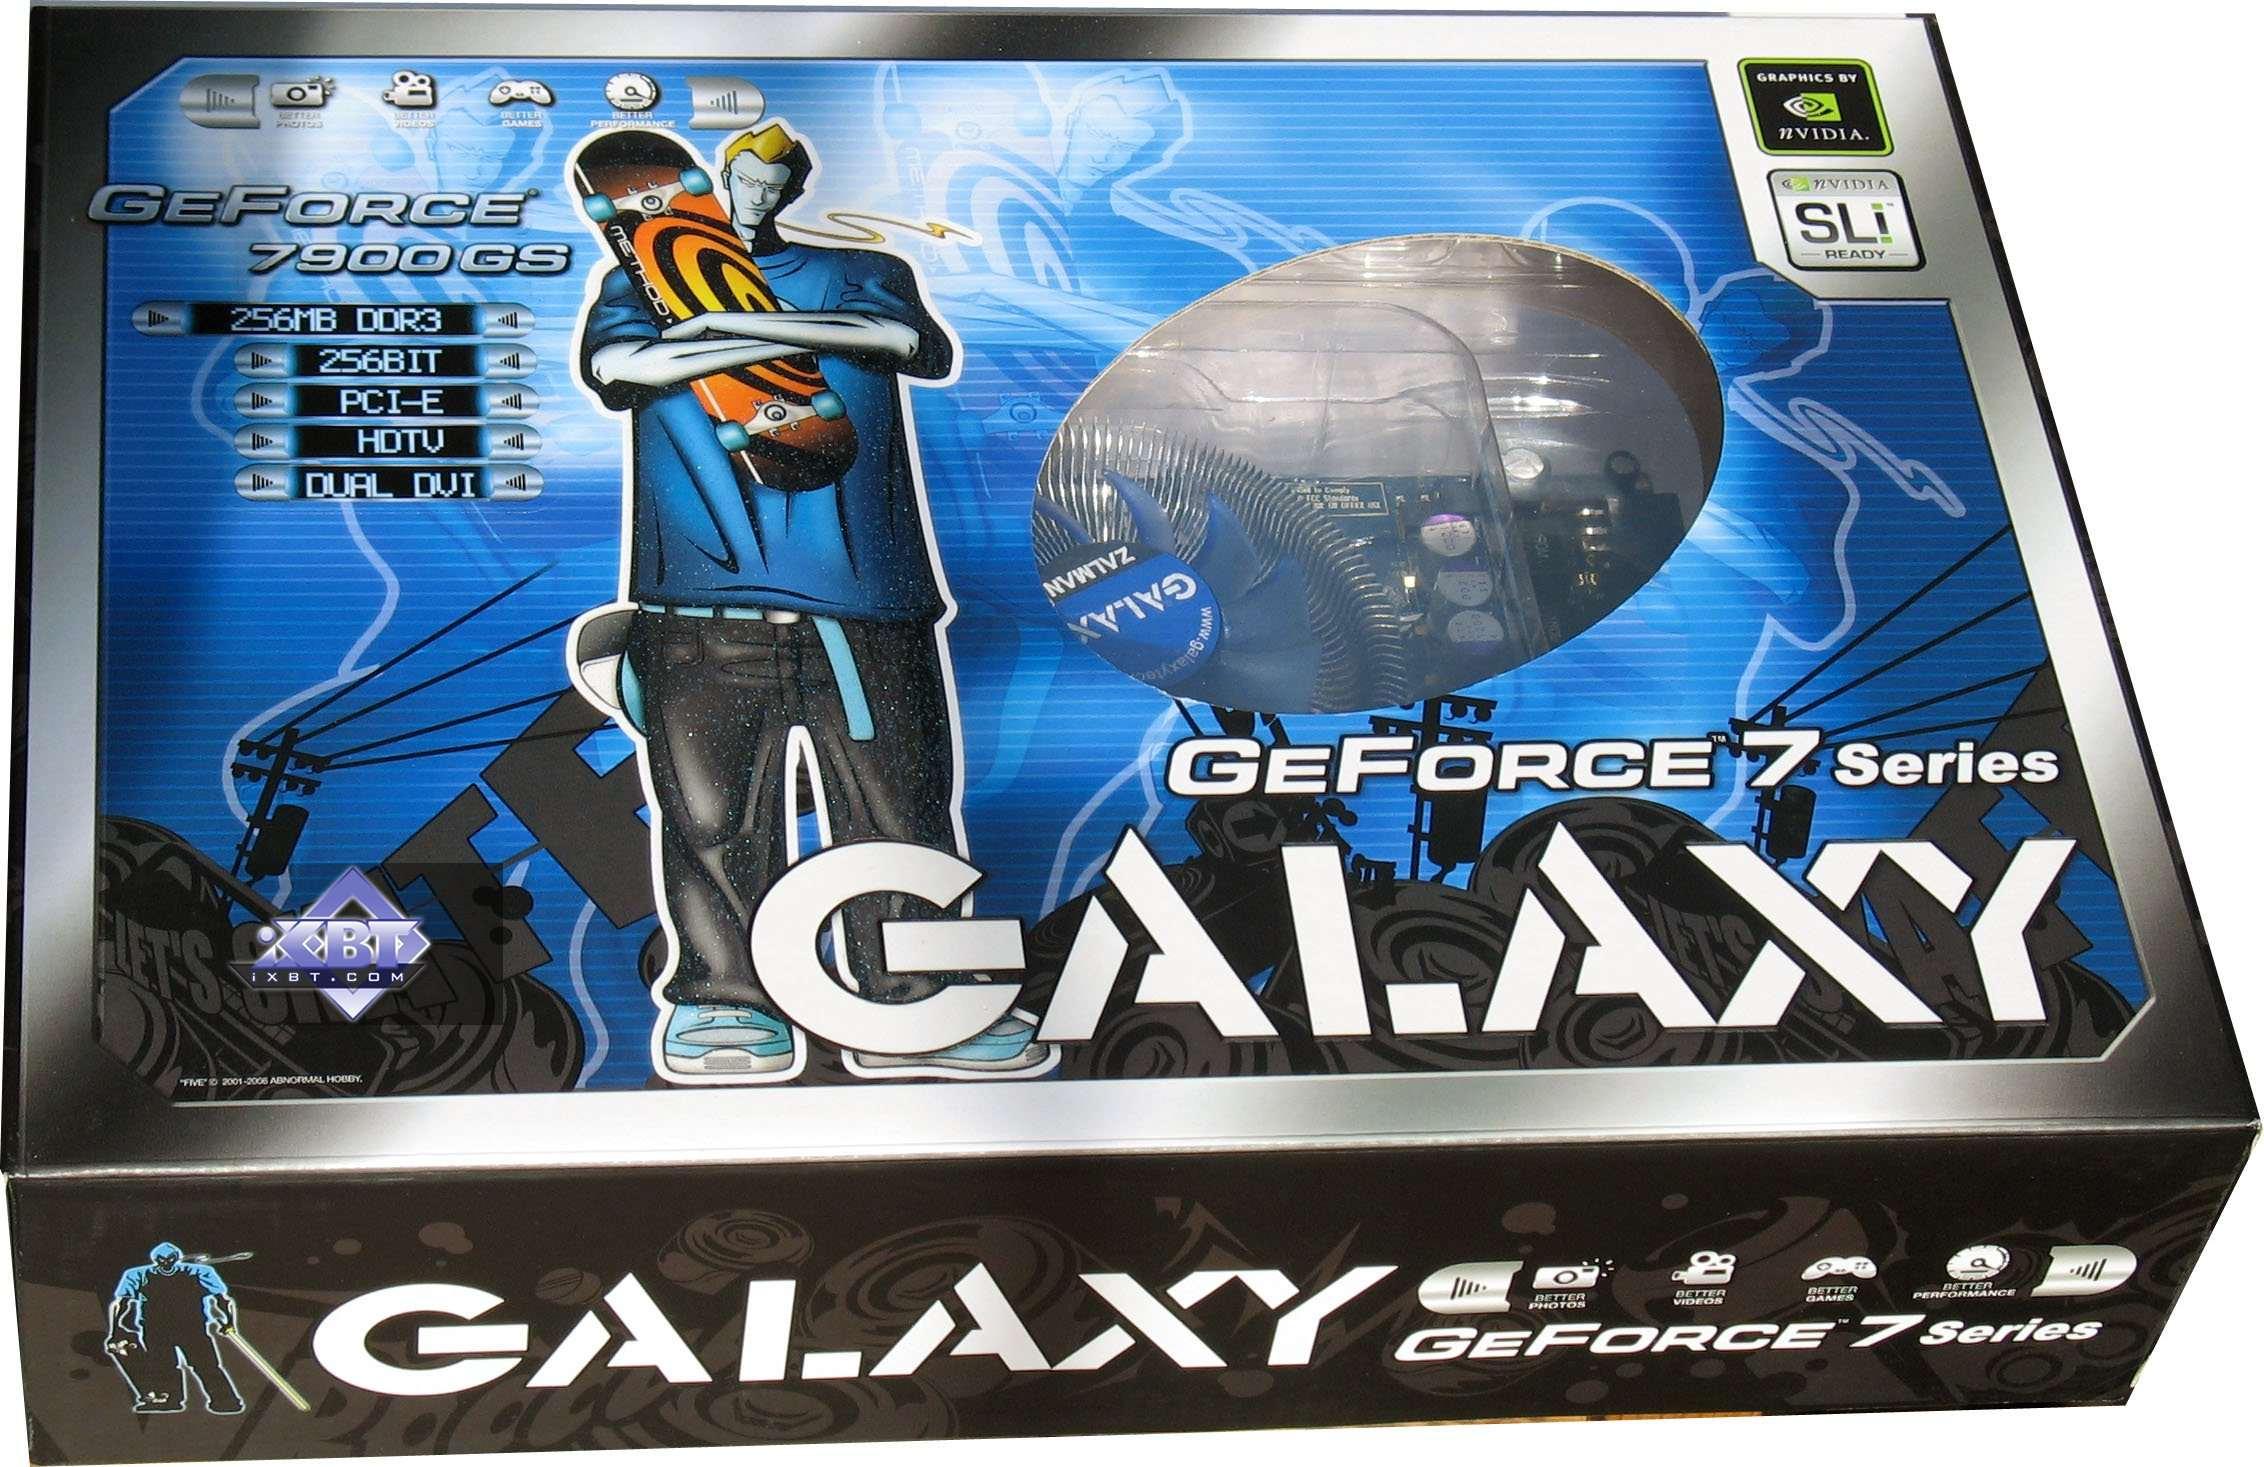 драйвера geforce 7900 gs